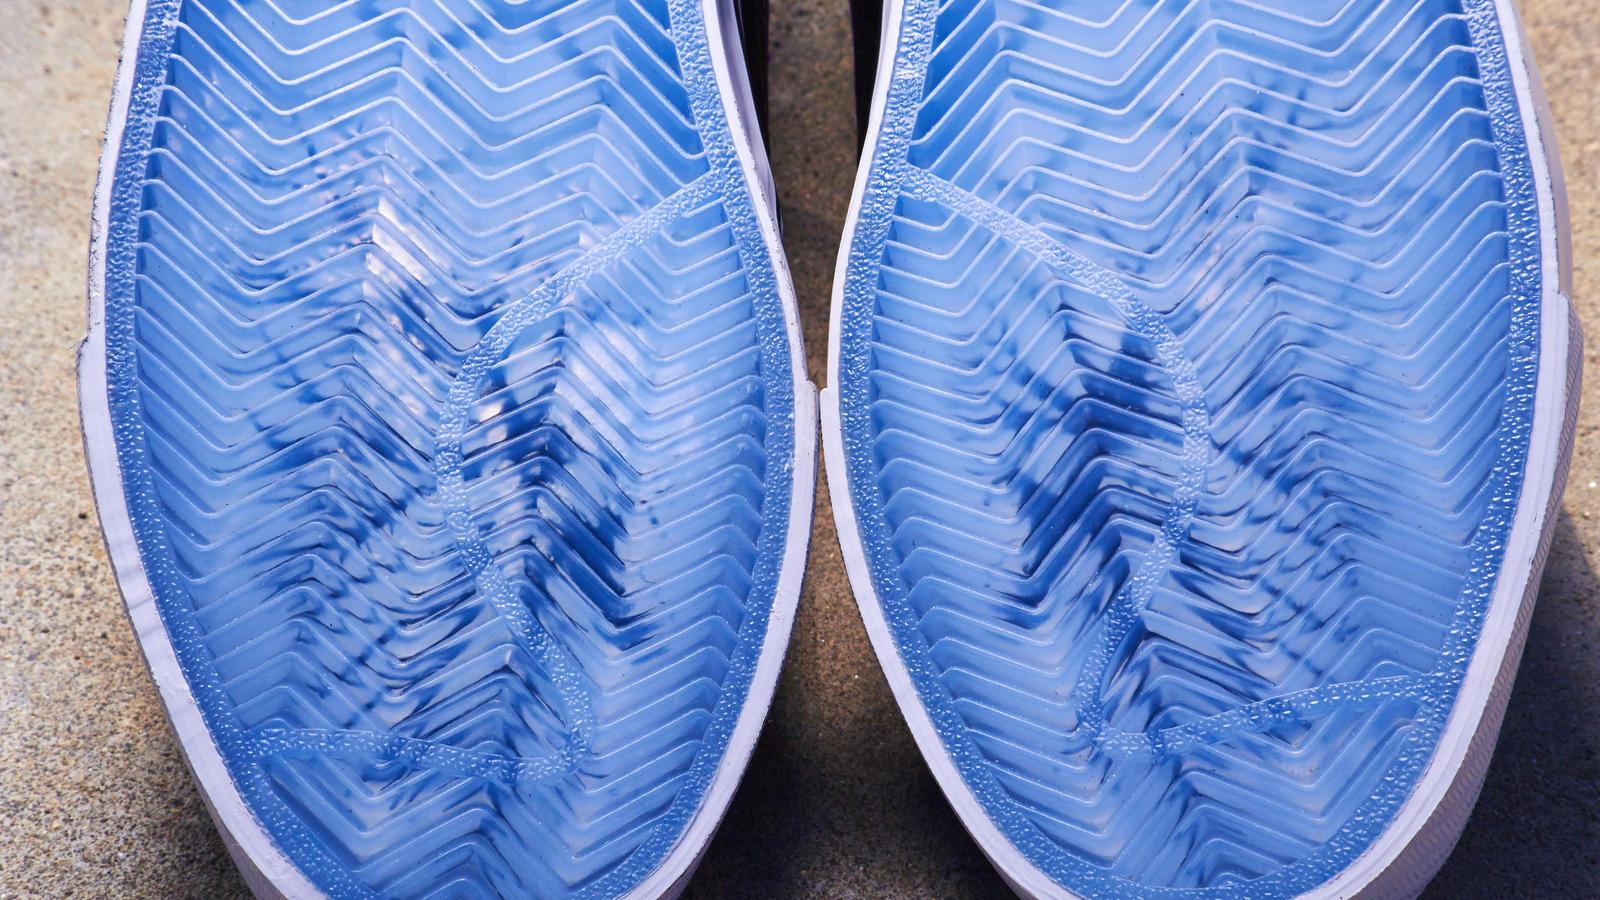 Footwear Details 0148